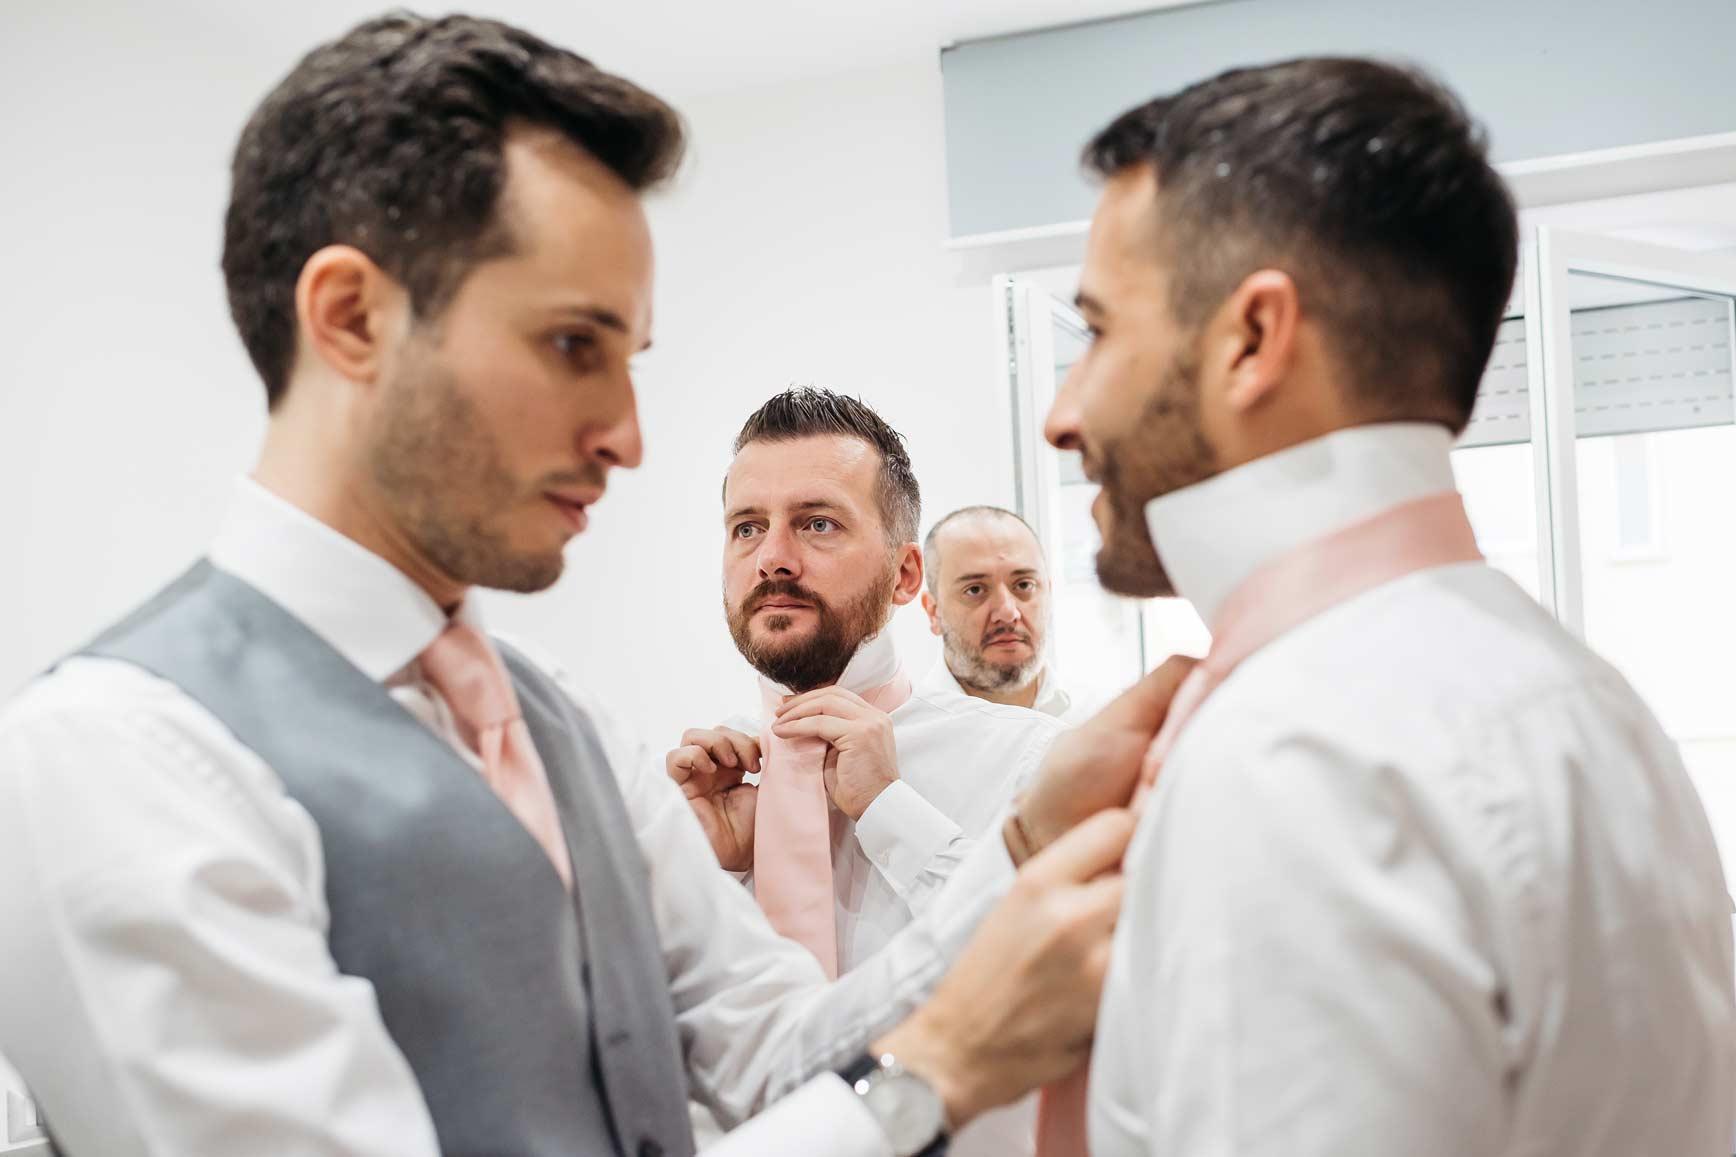 Fotografo-Matrimonio-Reportage-Roma-Preparativi-Sposo